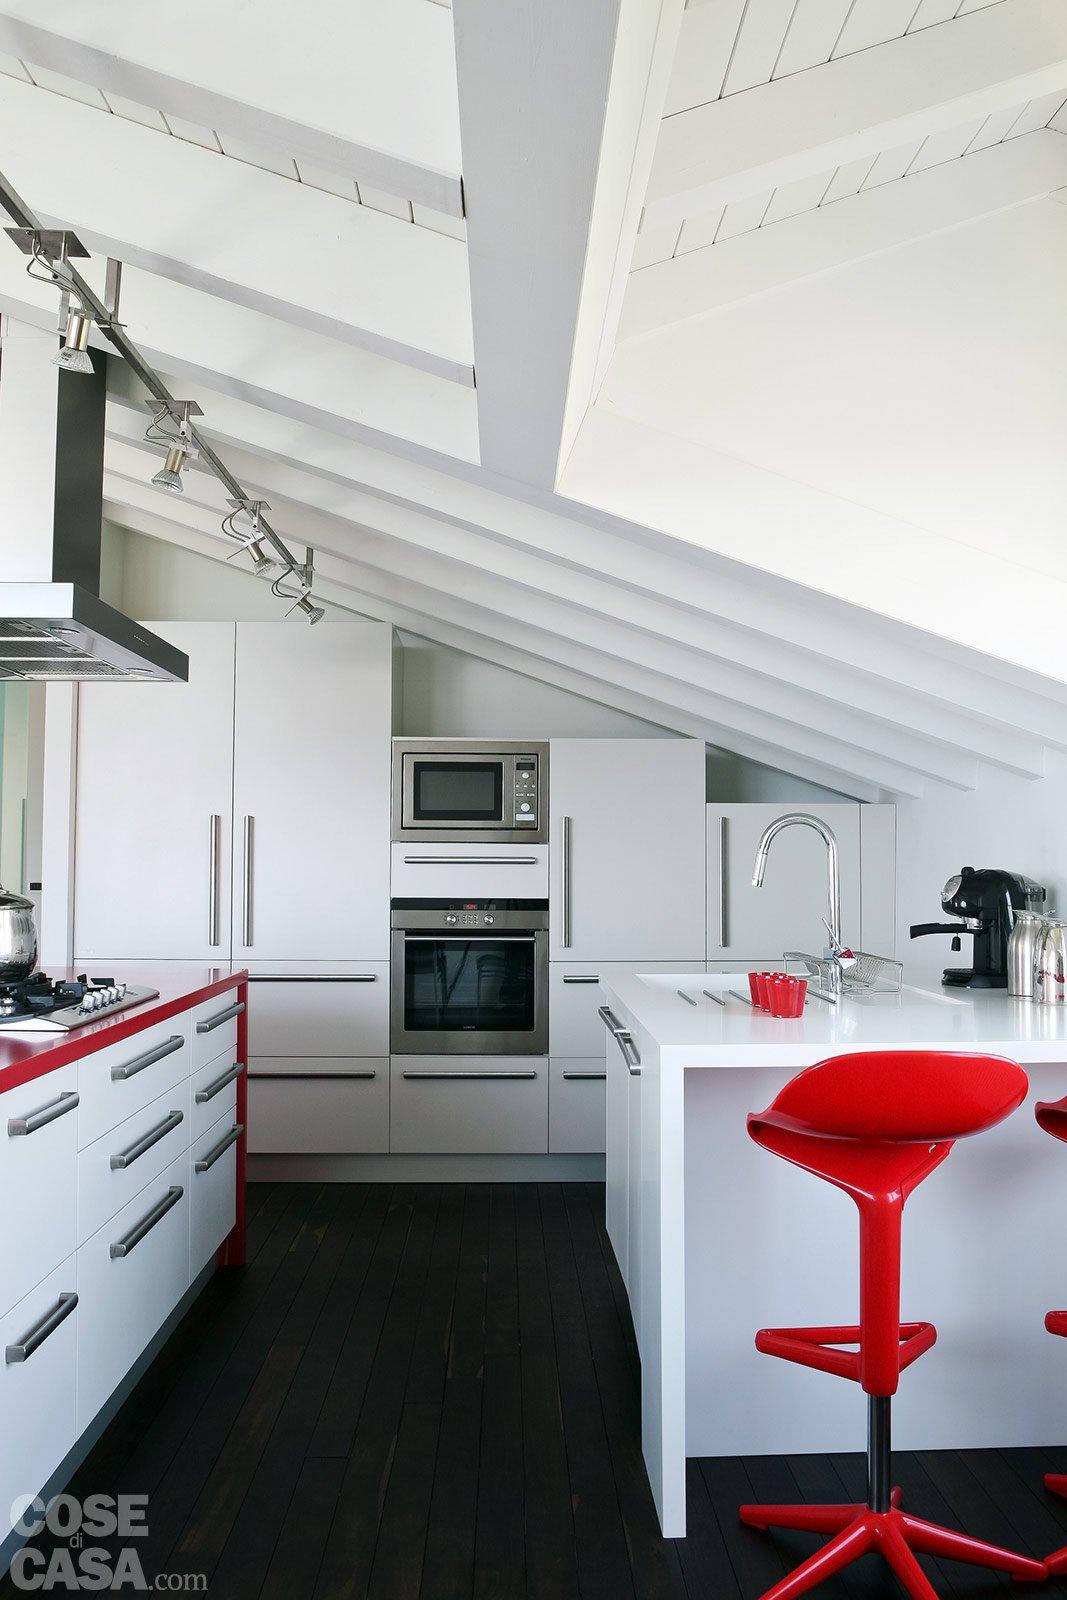 Volumi bianchi in mansarda per avere pi luce cose di casa - Luce per cucina ...